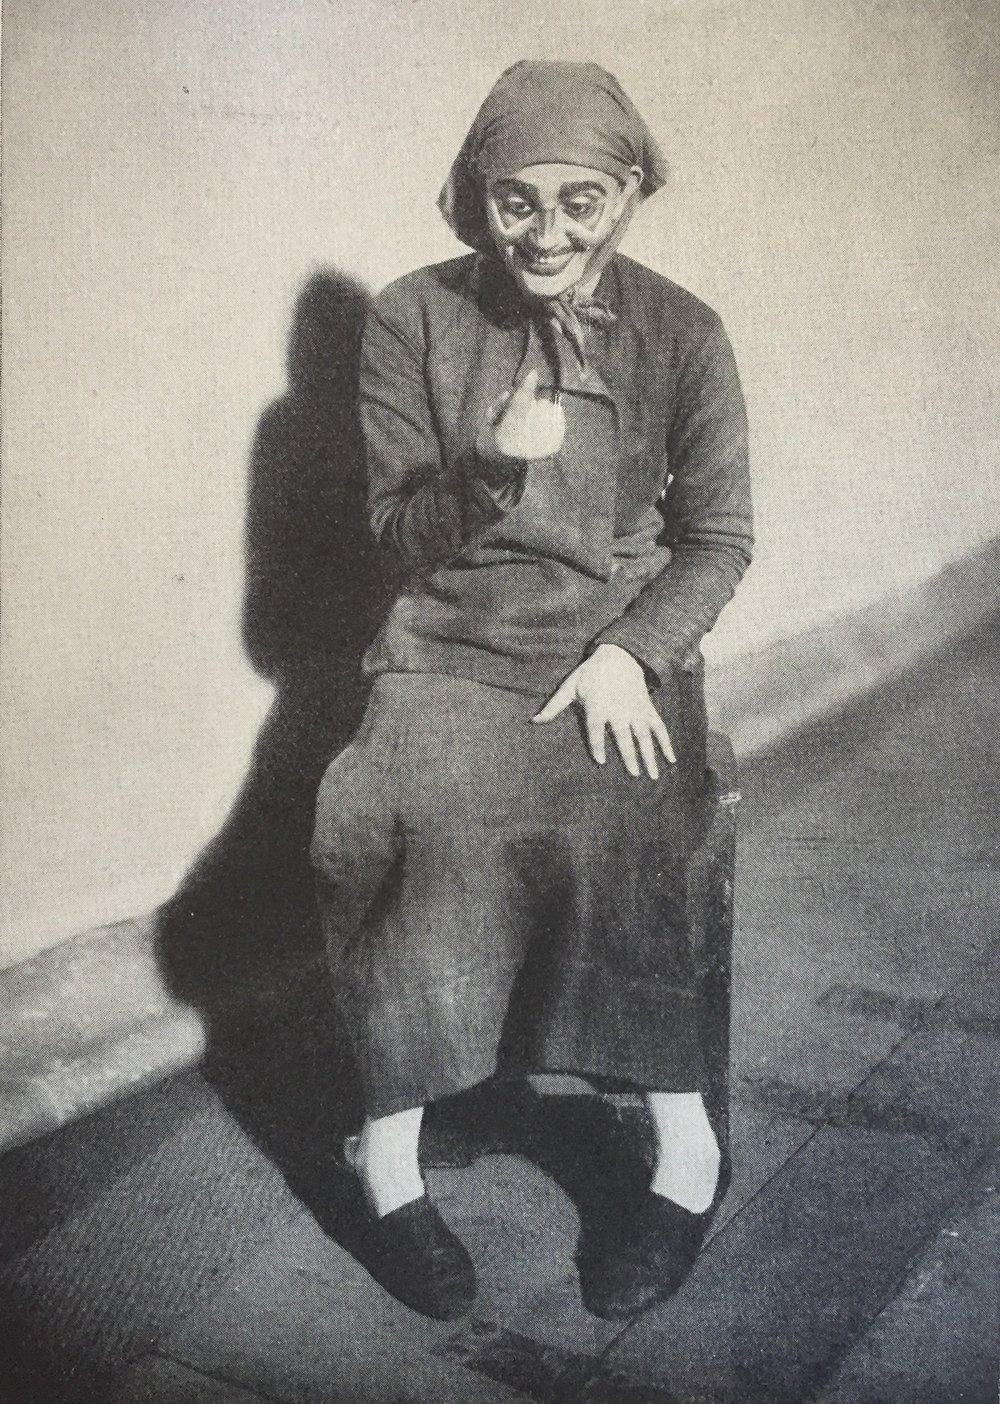 Habima, Das Hebräische Theater, Berlin-Wimersdorf, 1928.